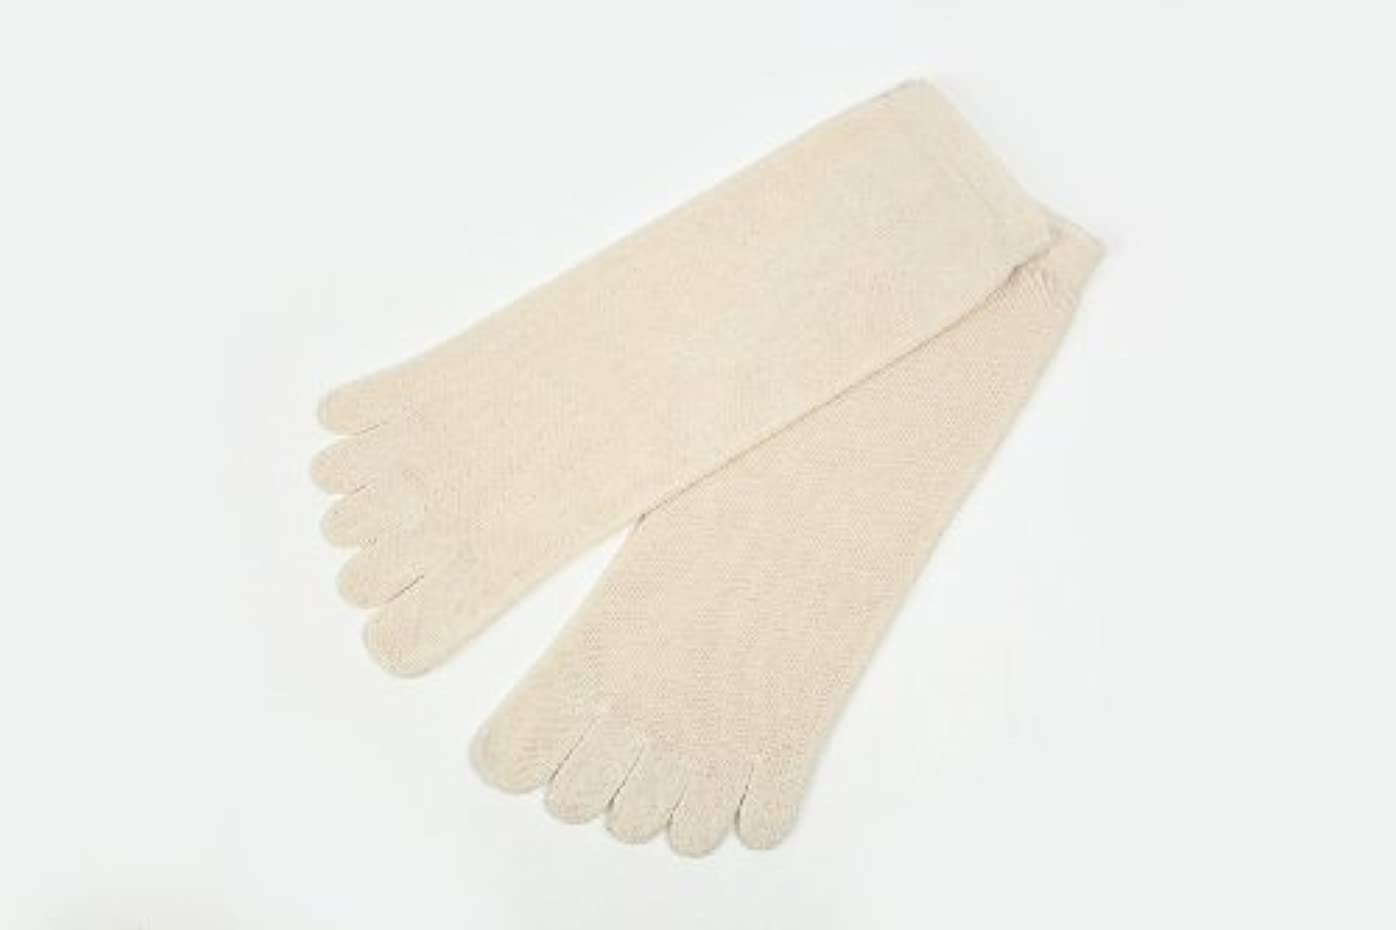 ファセット残る牽引utatane 冷えとり靴下 大人用 オーガニックコットン100% 5本指ソックス